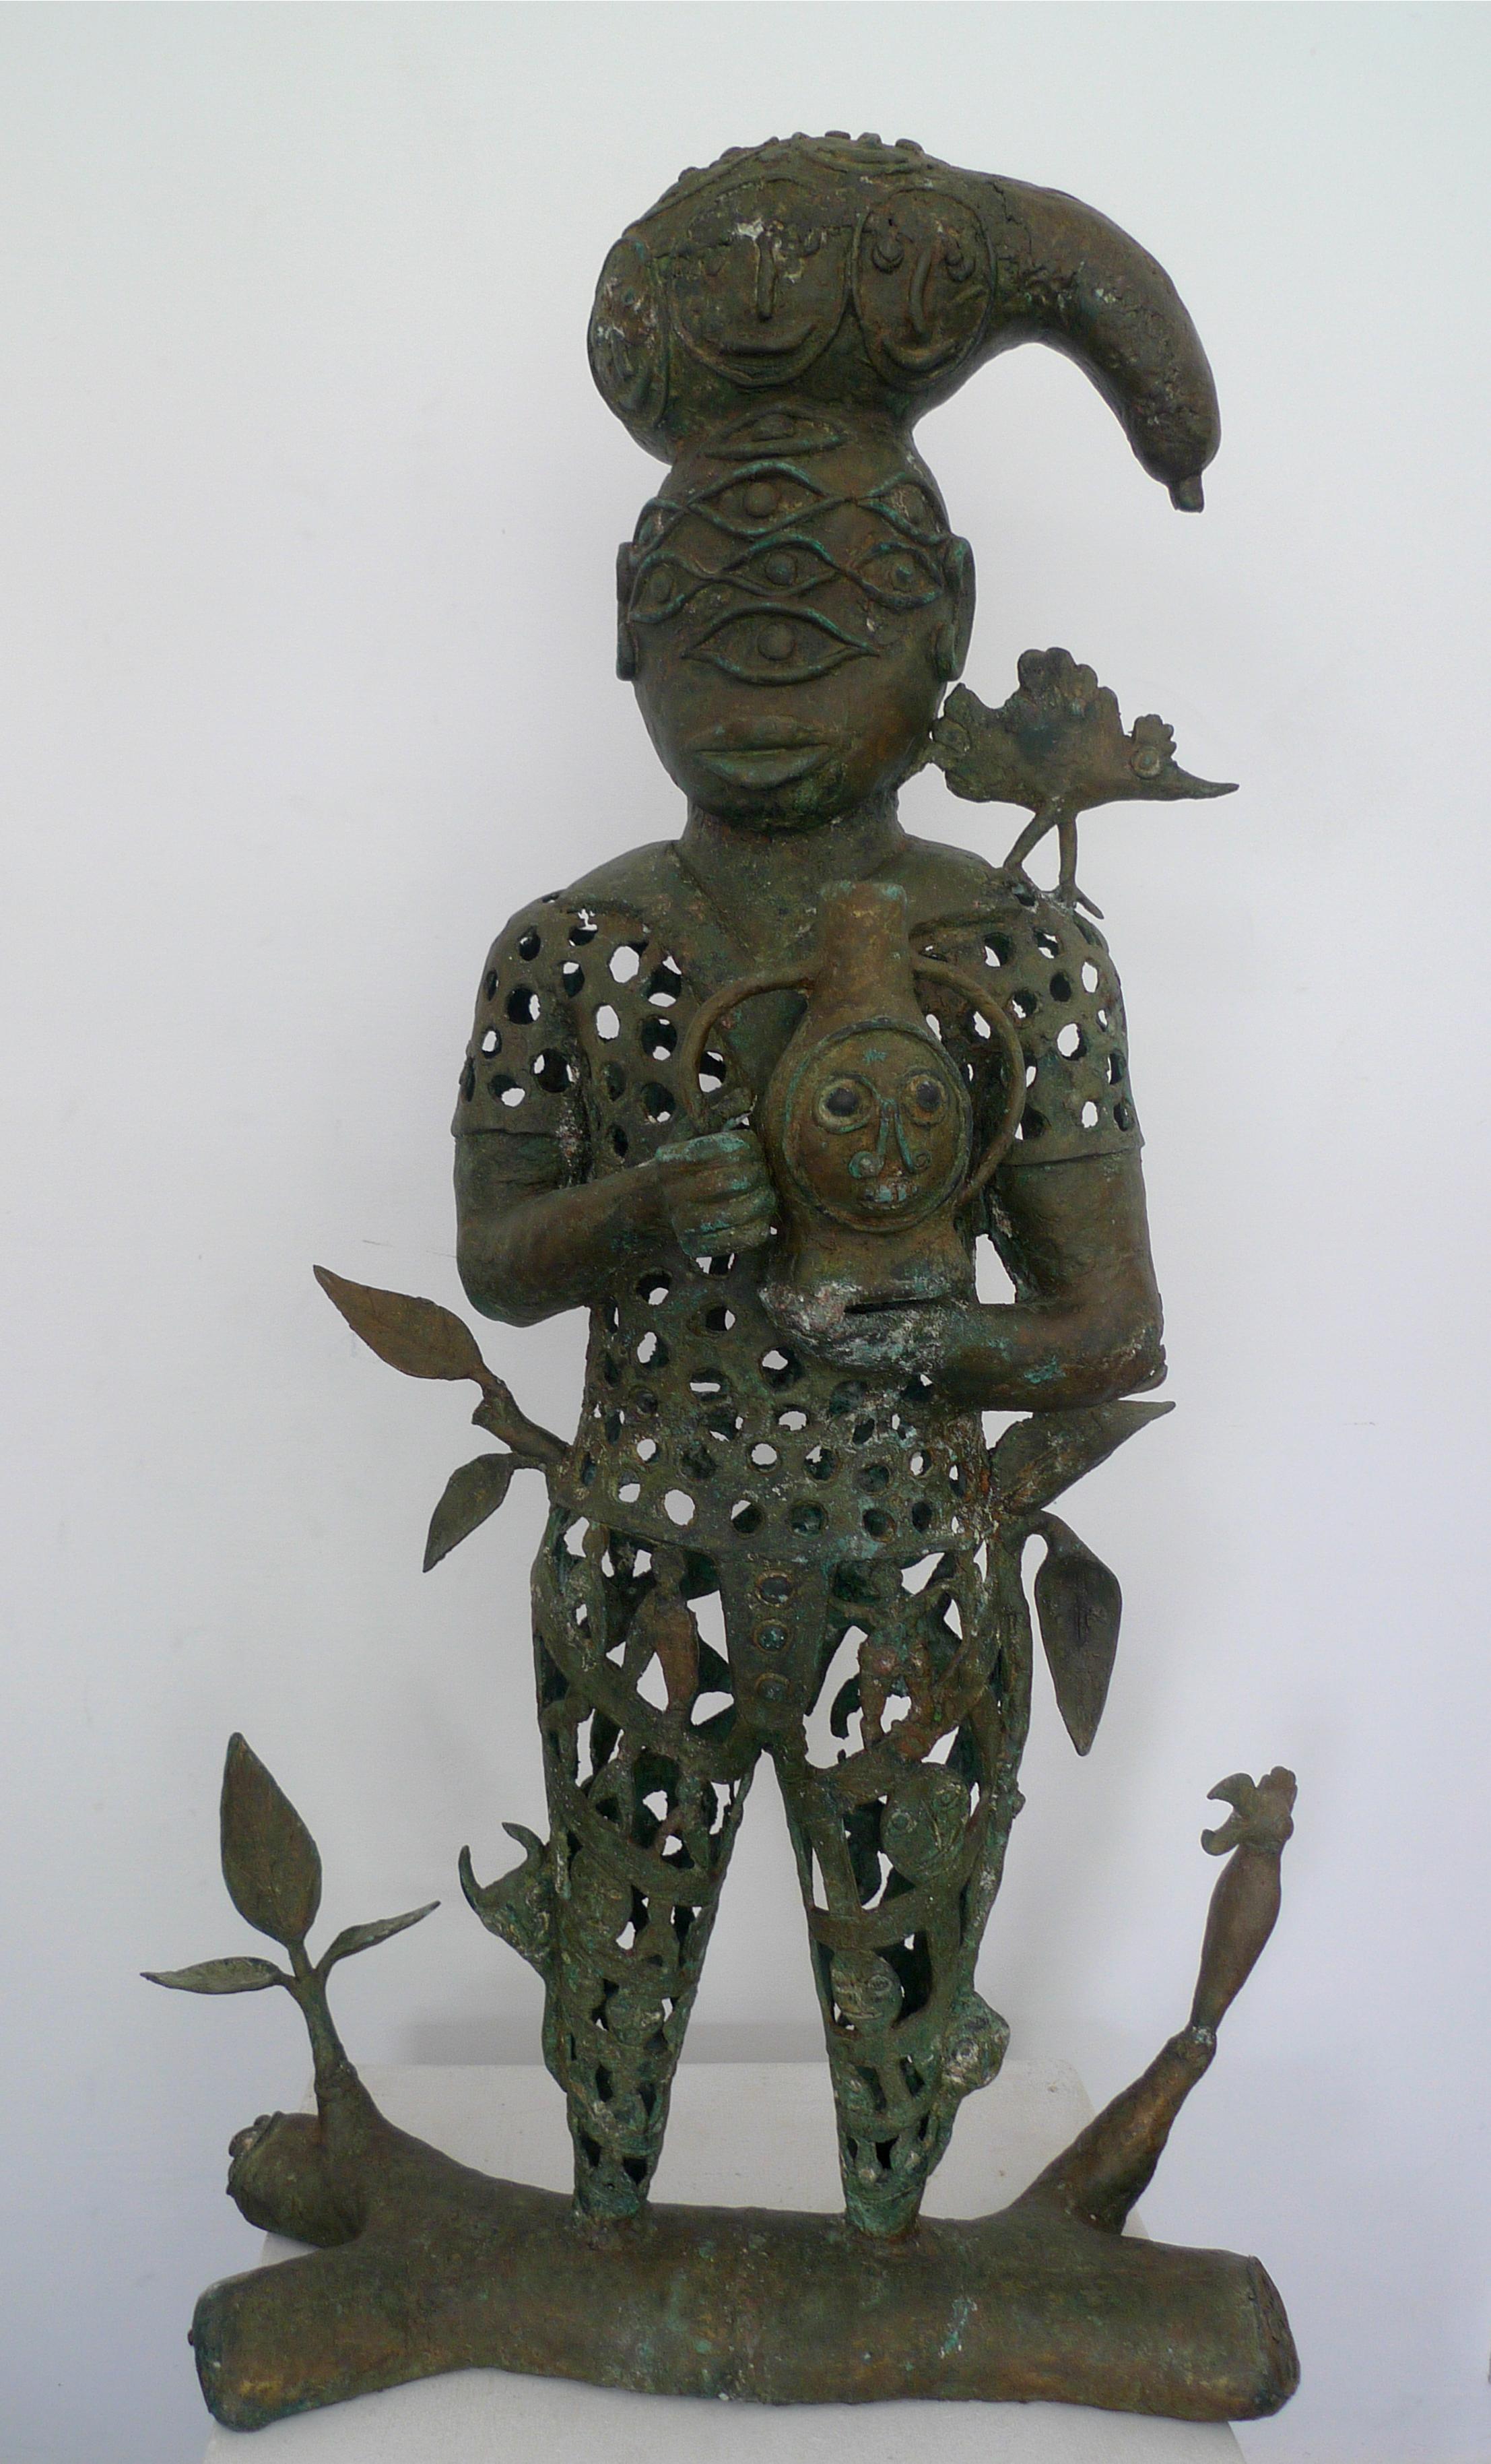 Le roi, 100cm x 64cm x 22cm, sculpture bronze, 2016